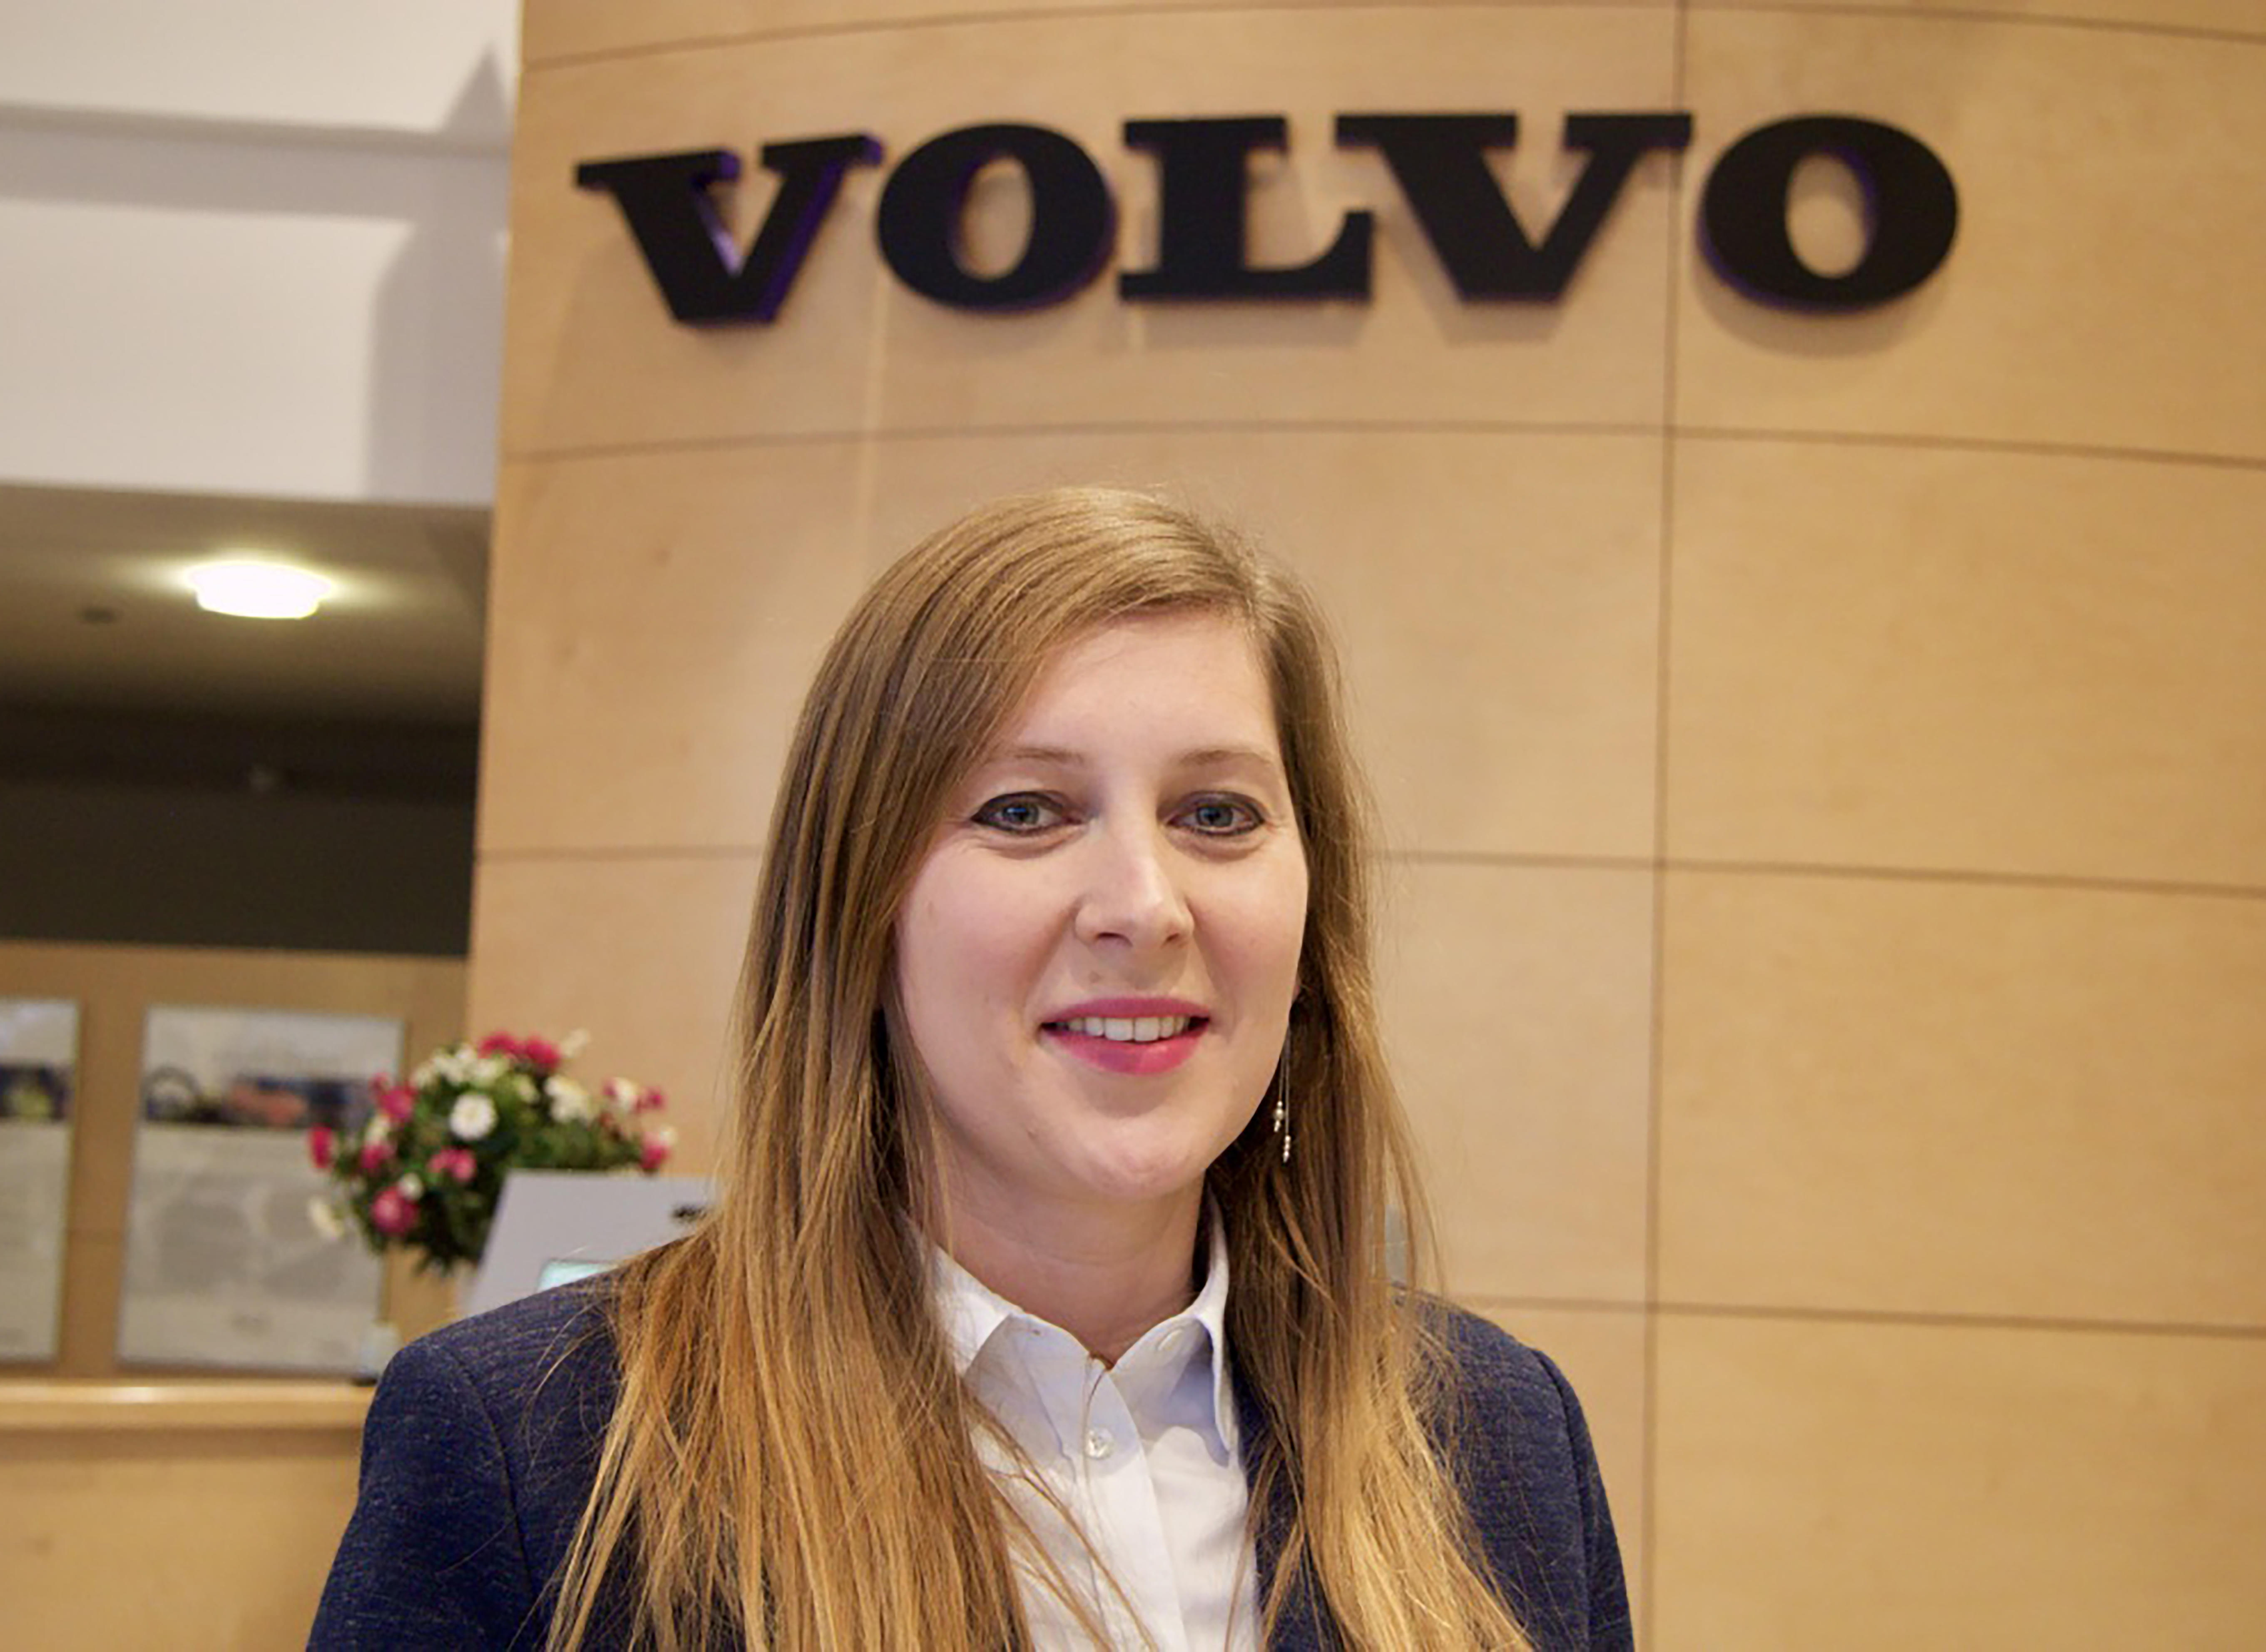 volvo-ce_mini-campaign_the-circular-economy-good-business_02